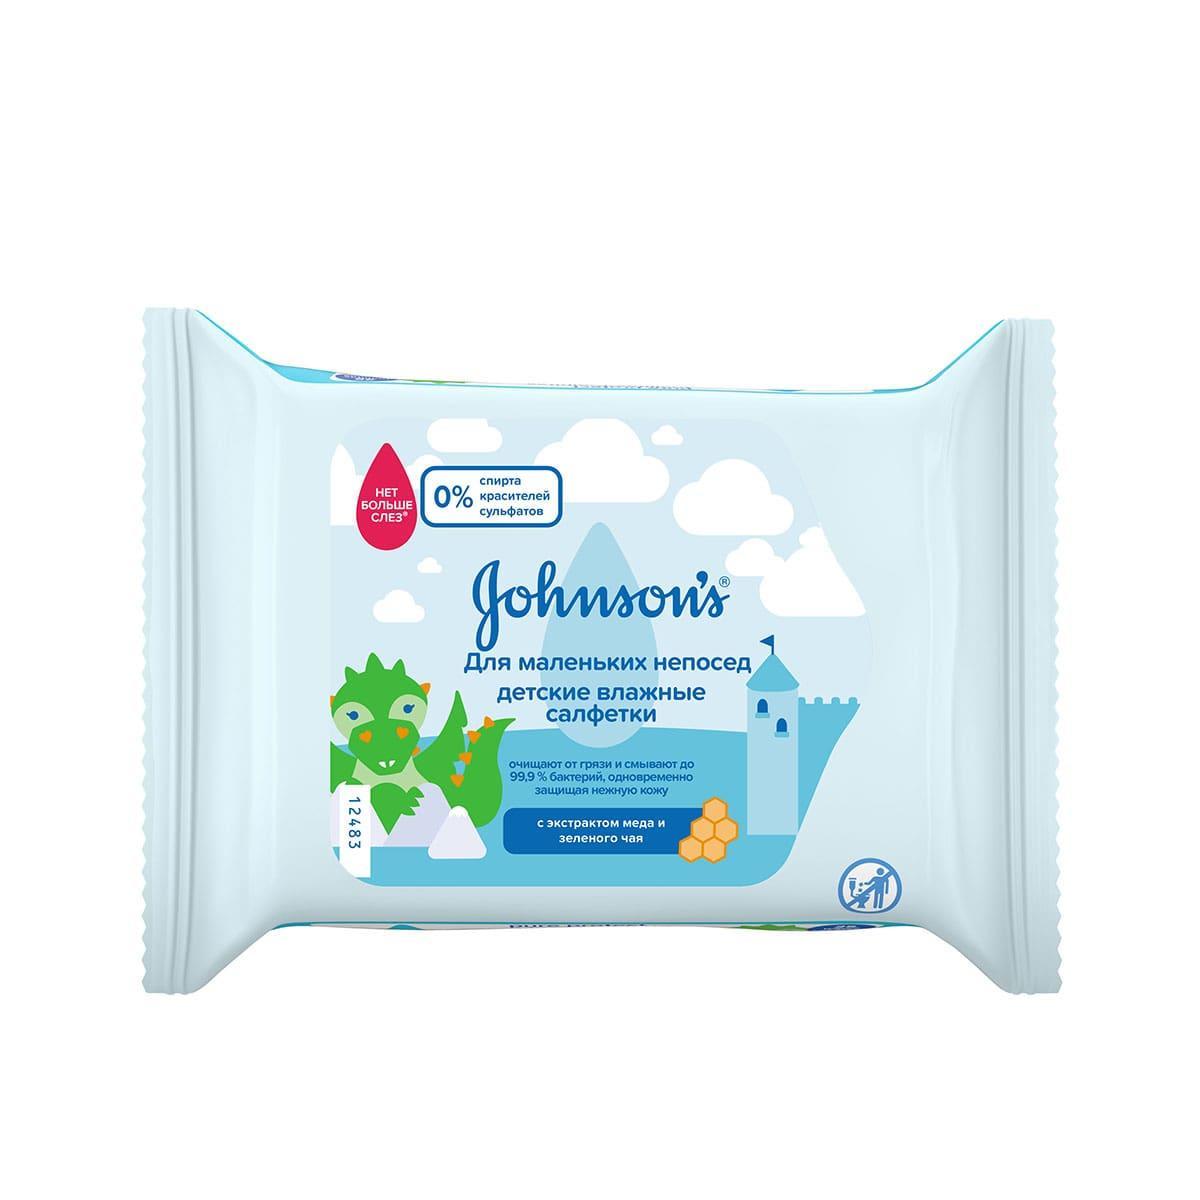 Детские влажные салфетки «Для маленьких непосед» Johnson's®: лицевая сторона